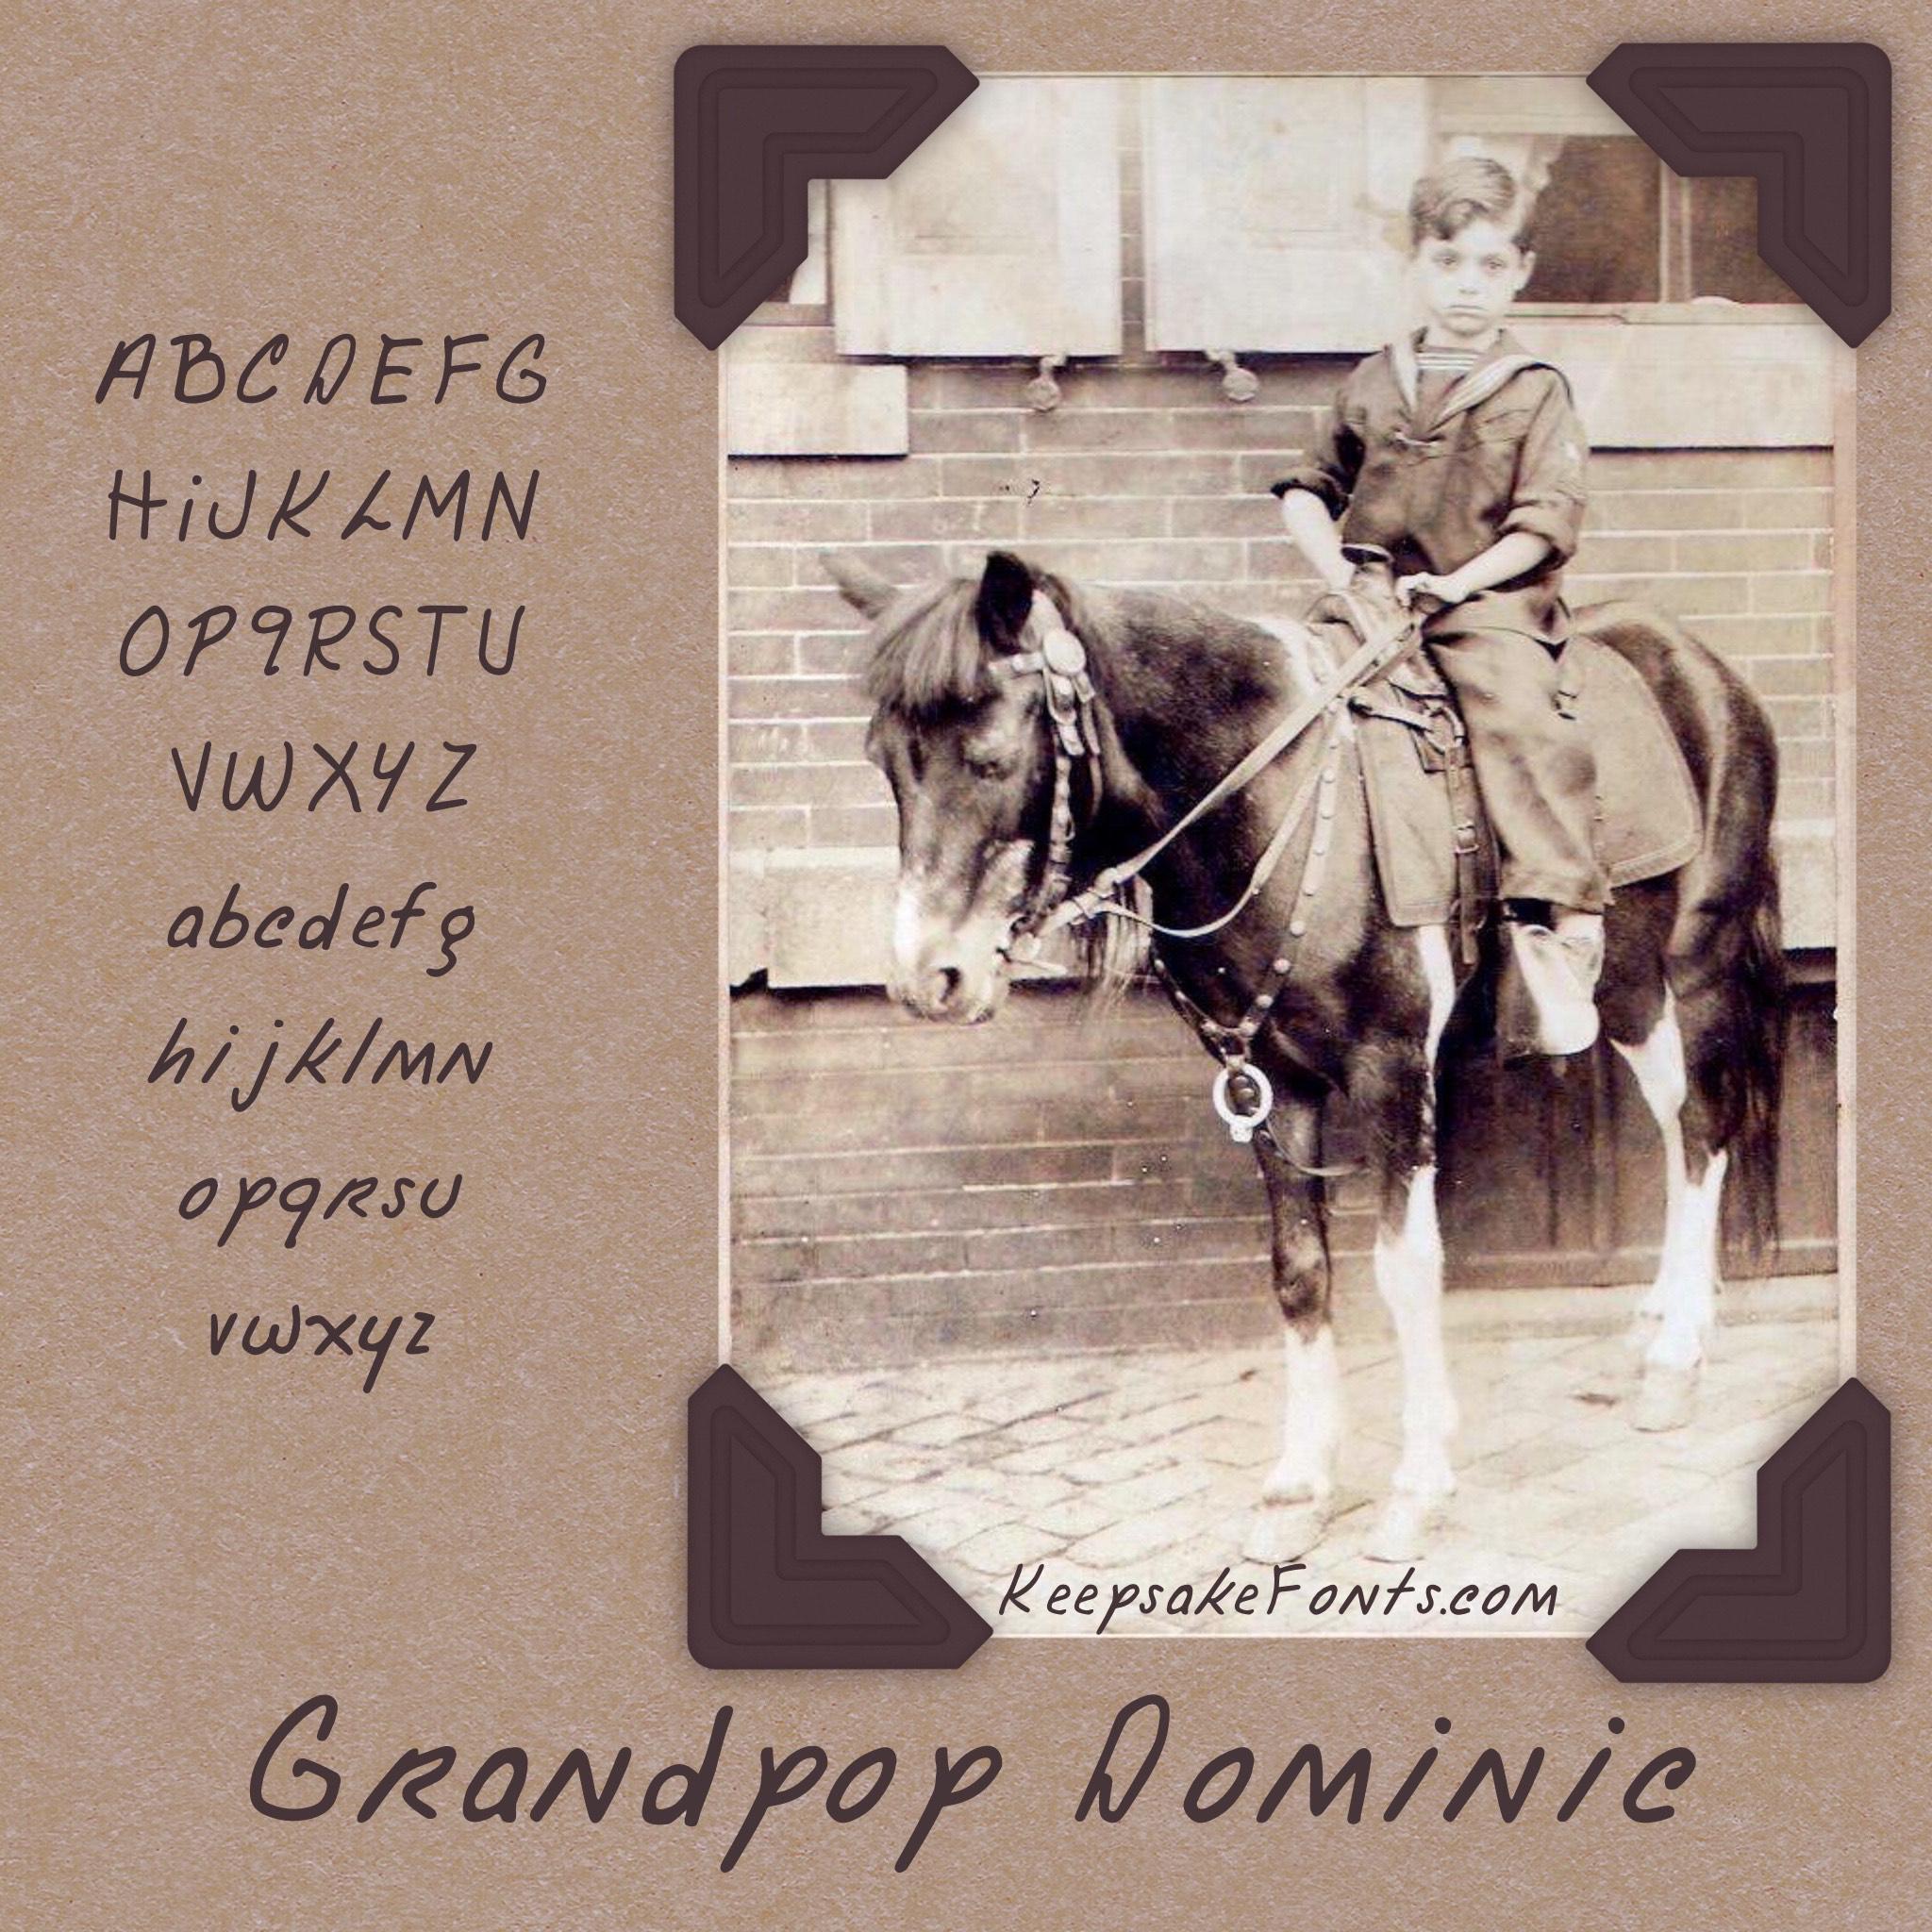 Grandpop Dominic (a custom font)